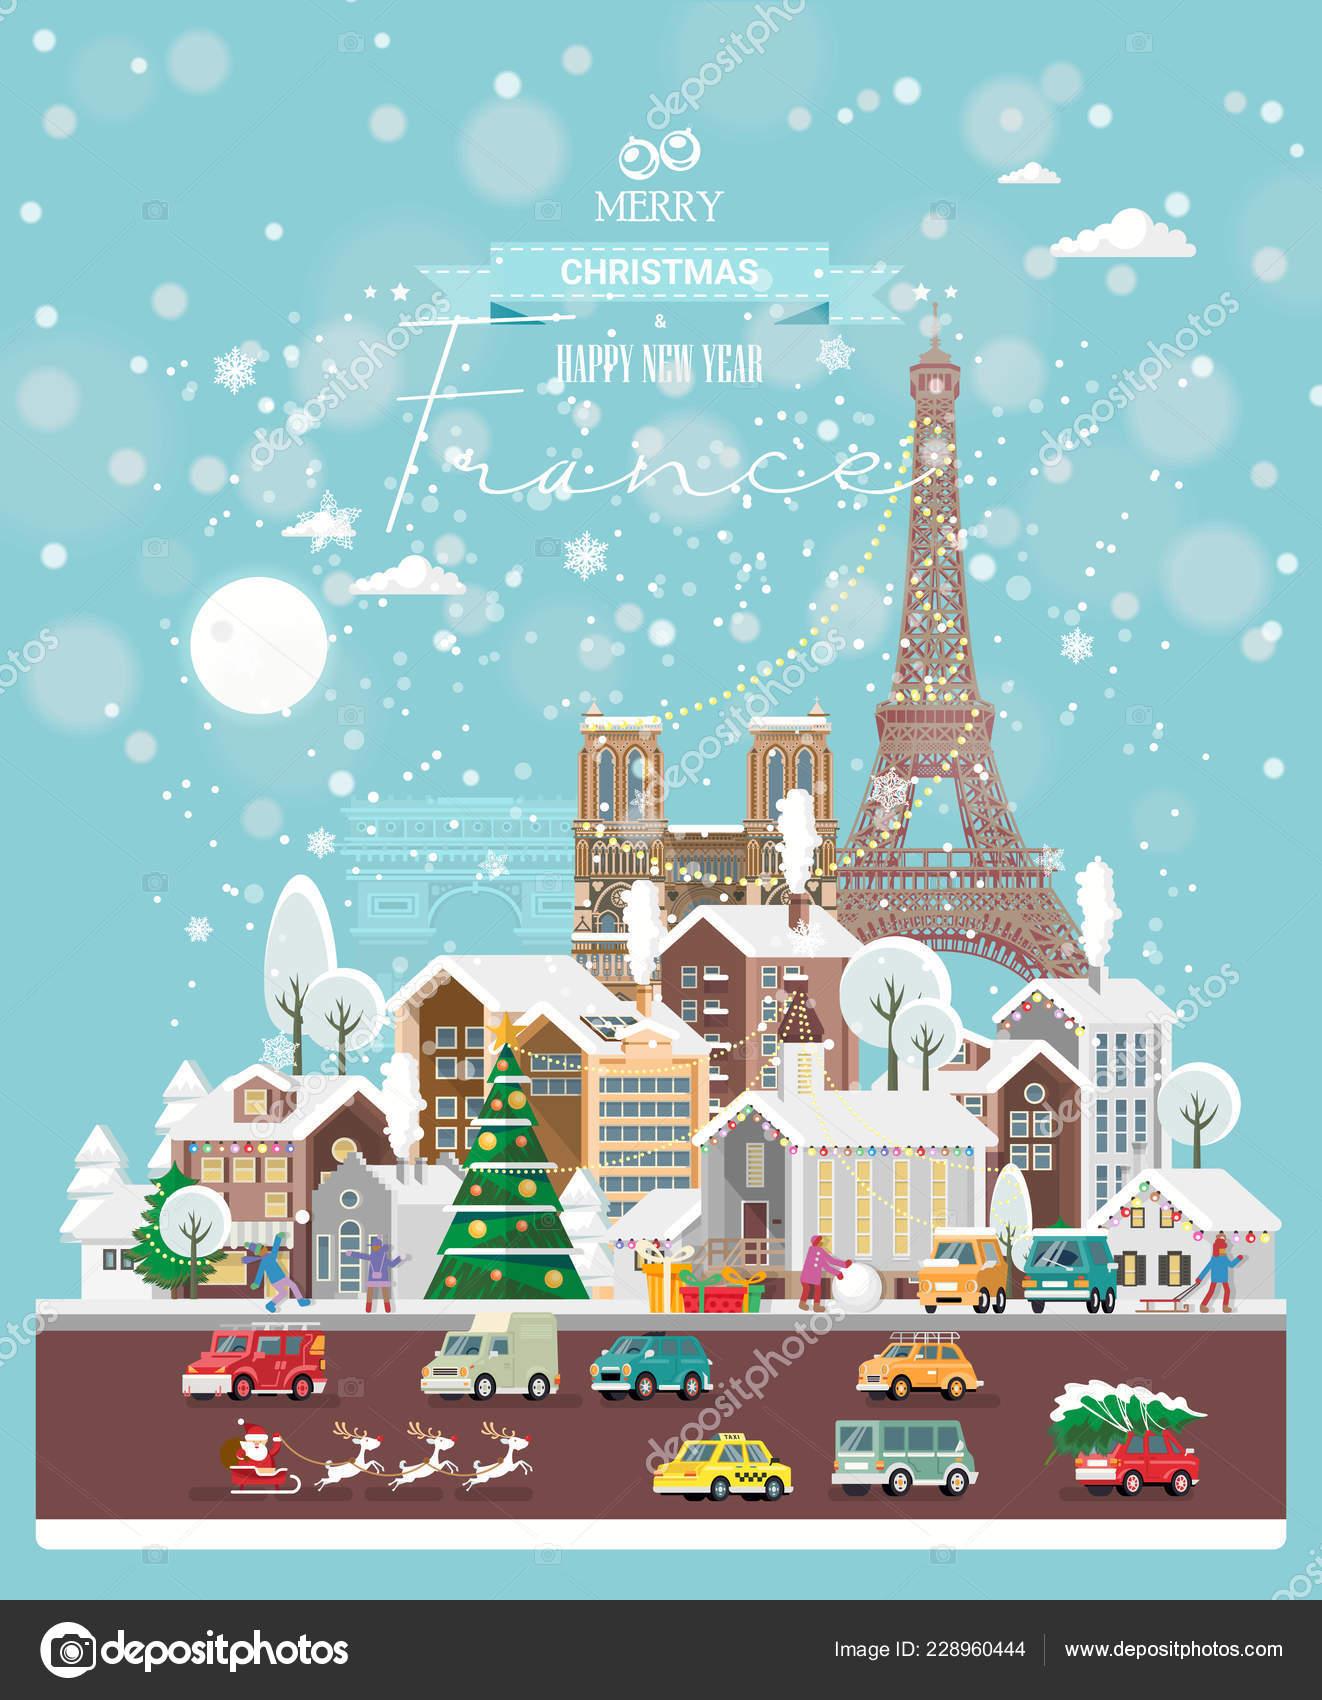 Weihnachtswünsche Modern.Weihnachtswünsche Aus Frankreich Moderne Vektor Grußkarte Flachen